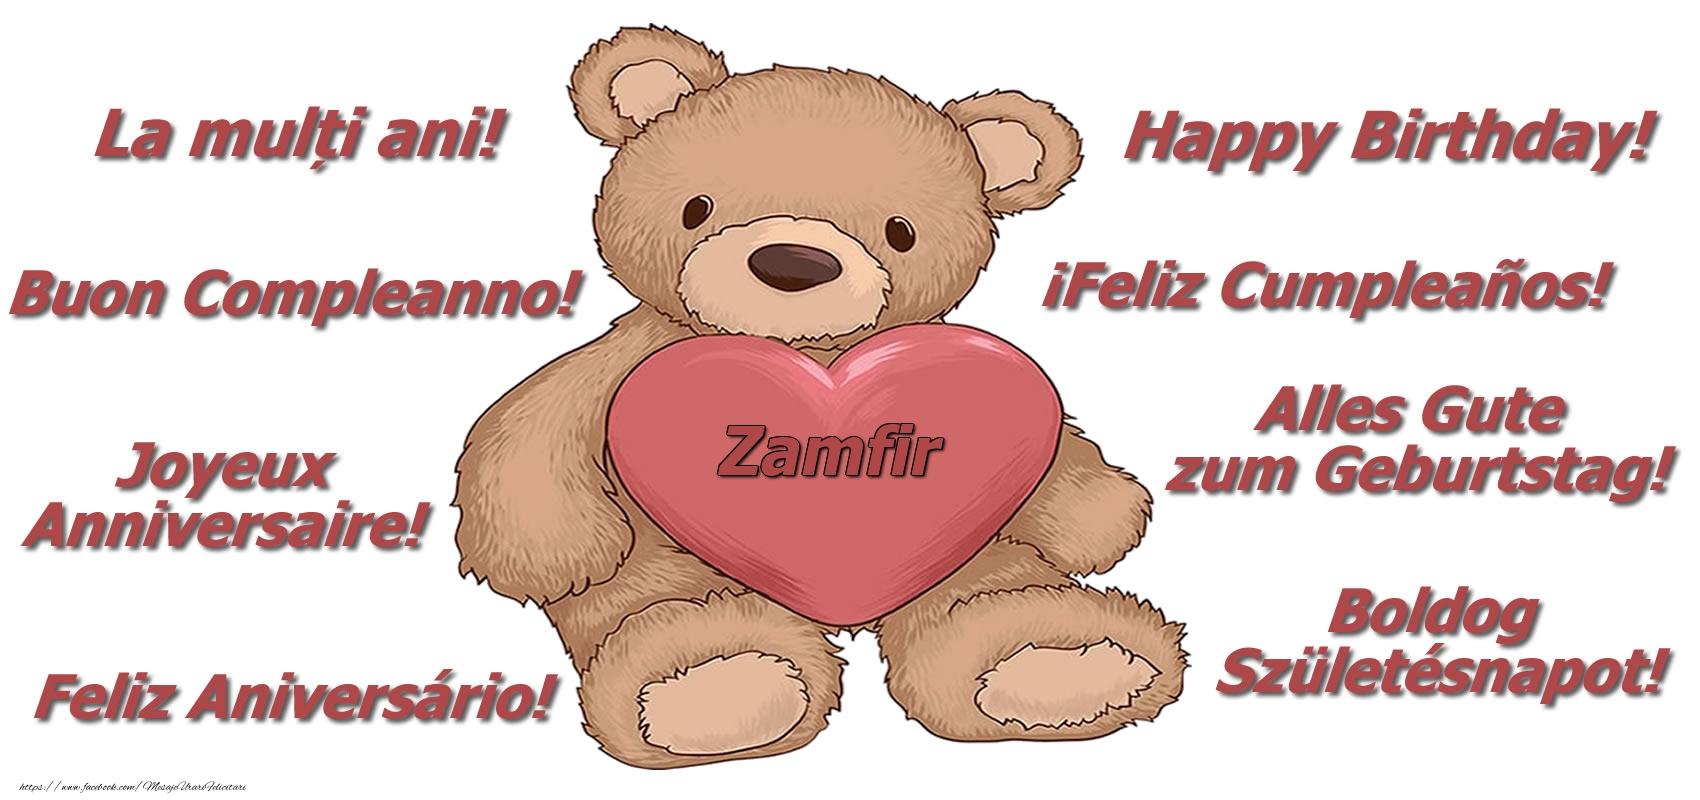 Felicitari de zi de nastere - La multi ani Zamfir! - Ursulet